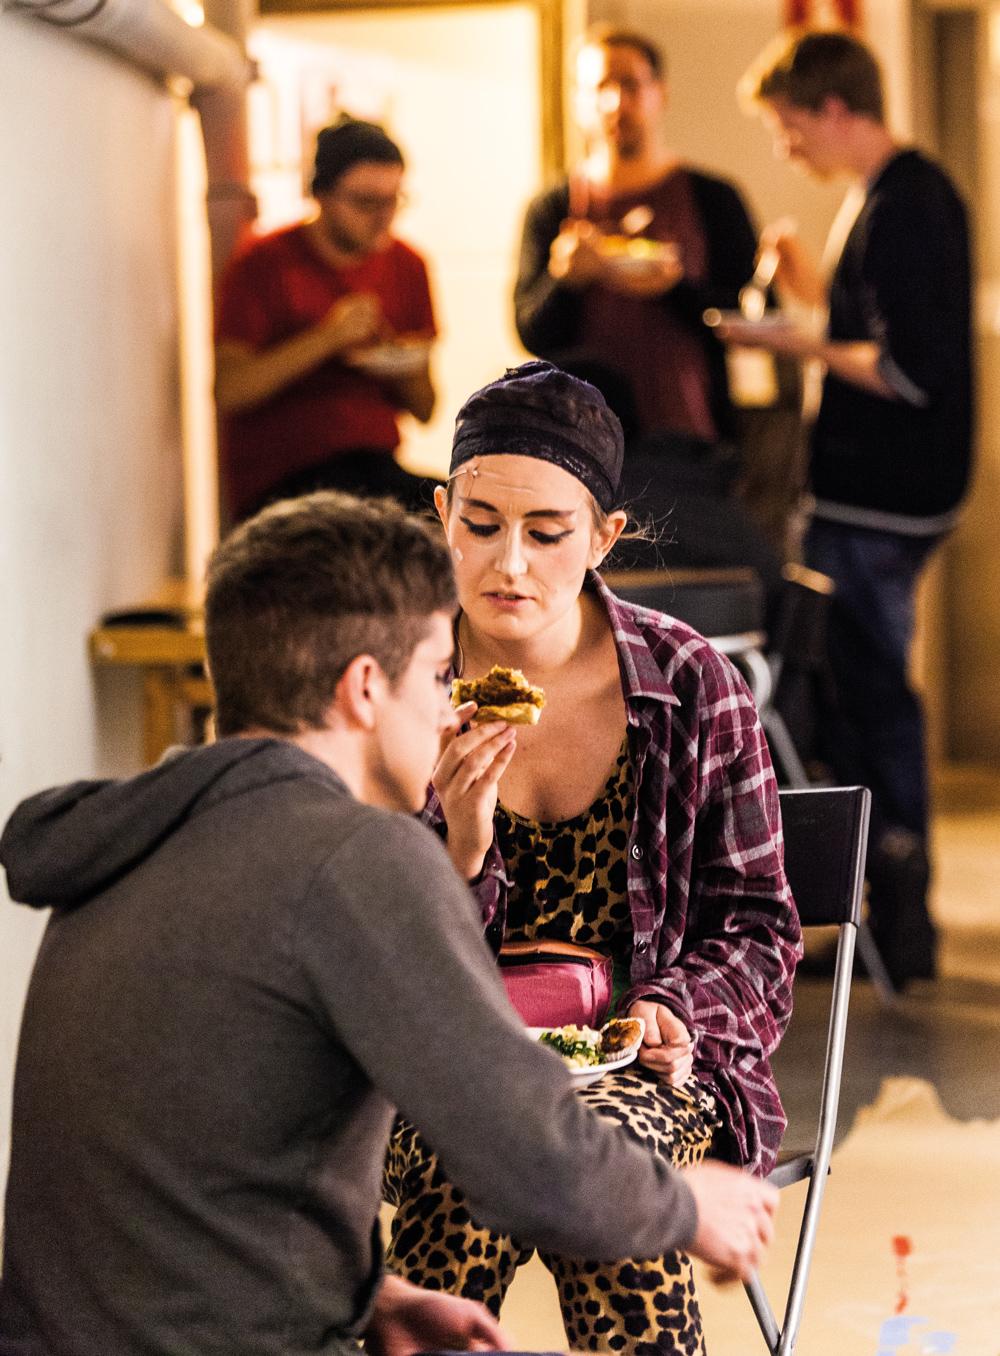 """KRISCHANSTASPEXET. Timmen innan förställning. Bakom scen är stämningen upprymd när """"scenarna"""" äter ett sista mål och tränar dialoger med varandra."""